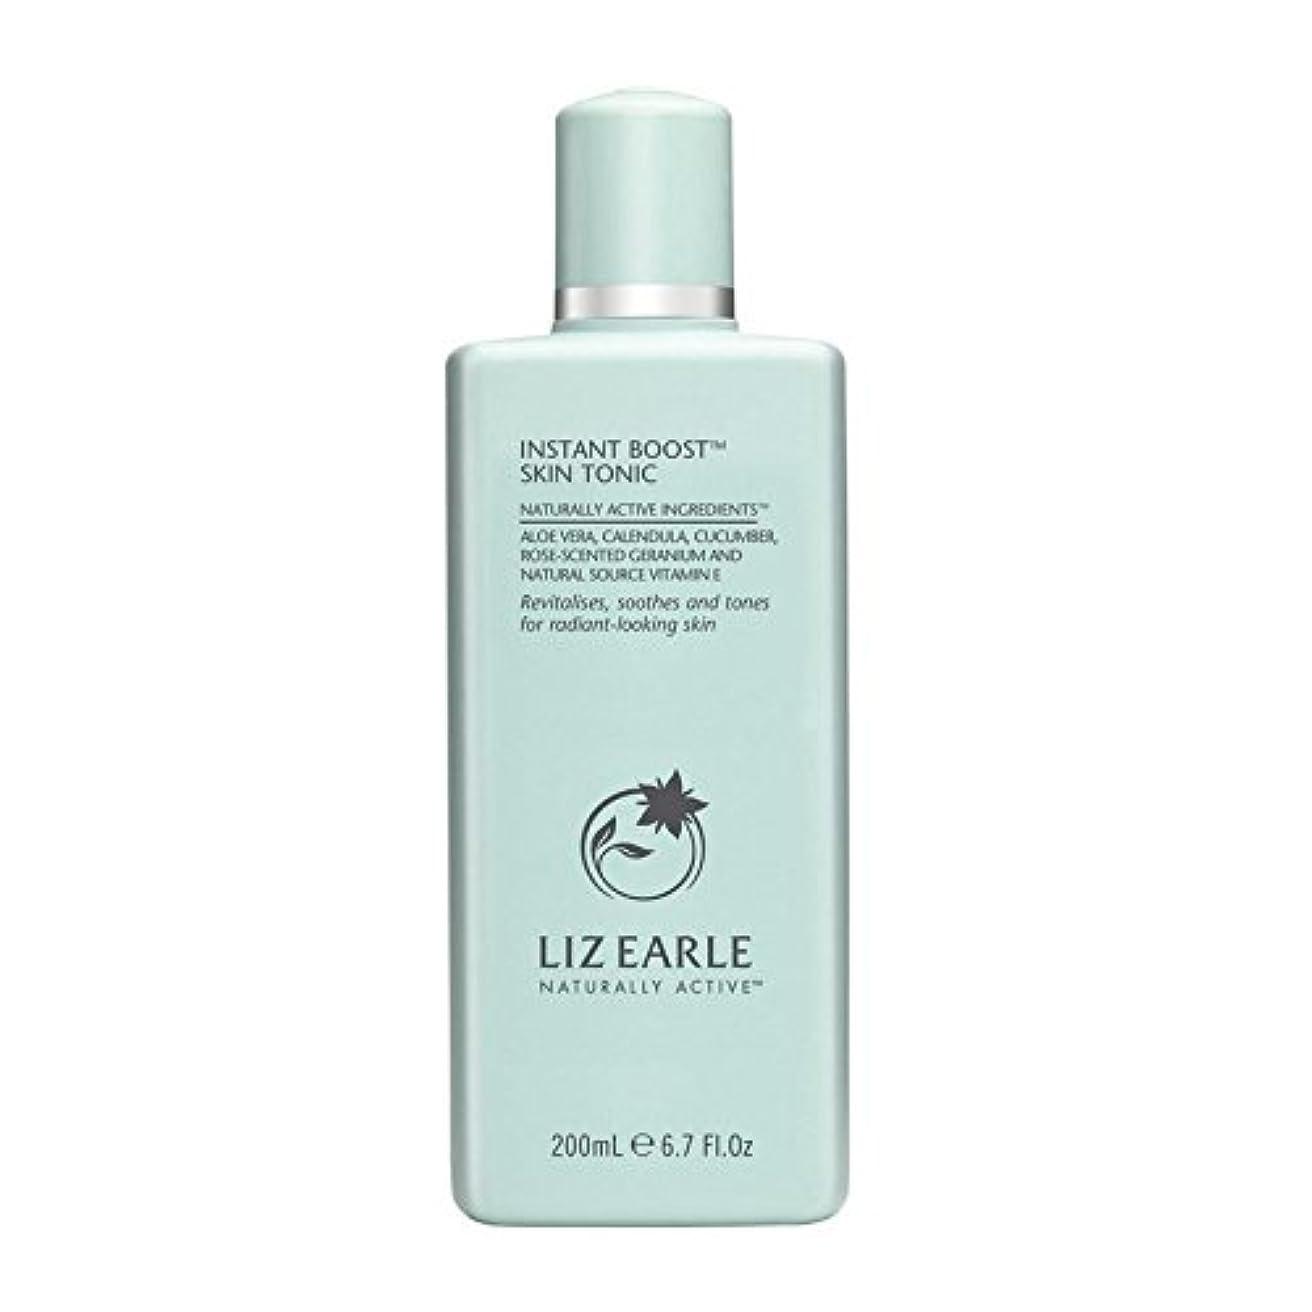 積極的にエレベーター巻き取りLiz Earle Instant Boost Skin Tonic Bottle 200ml (Pack of 6) - リズアールインスタントブーストスキントニックボトル200ミリリットル x6 [並行輸入品]